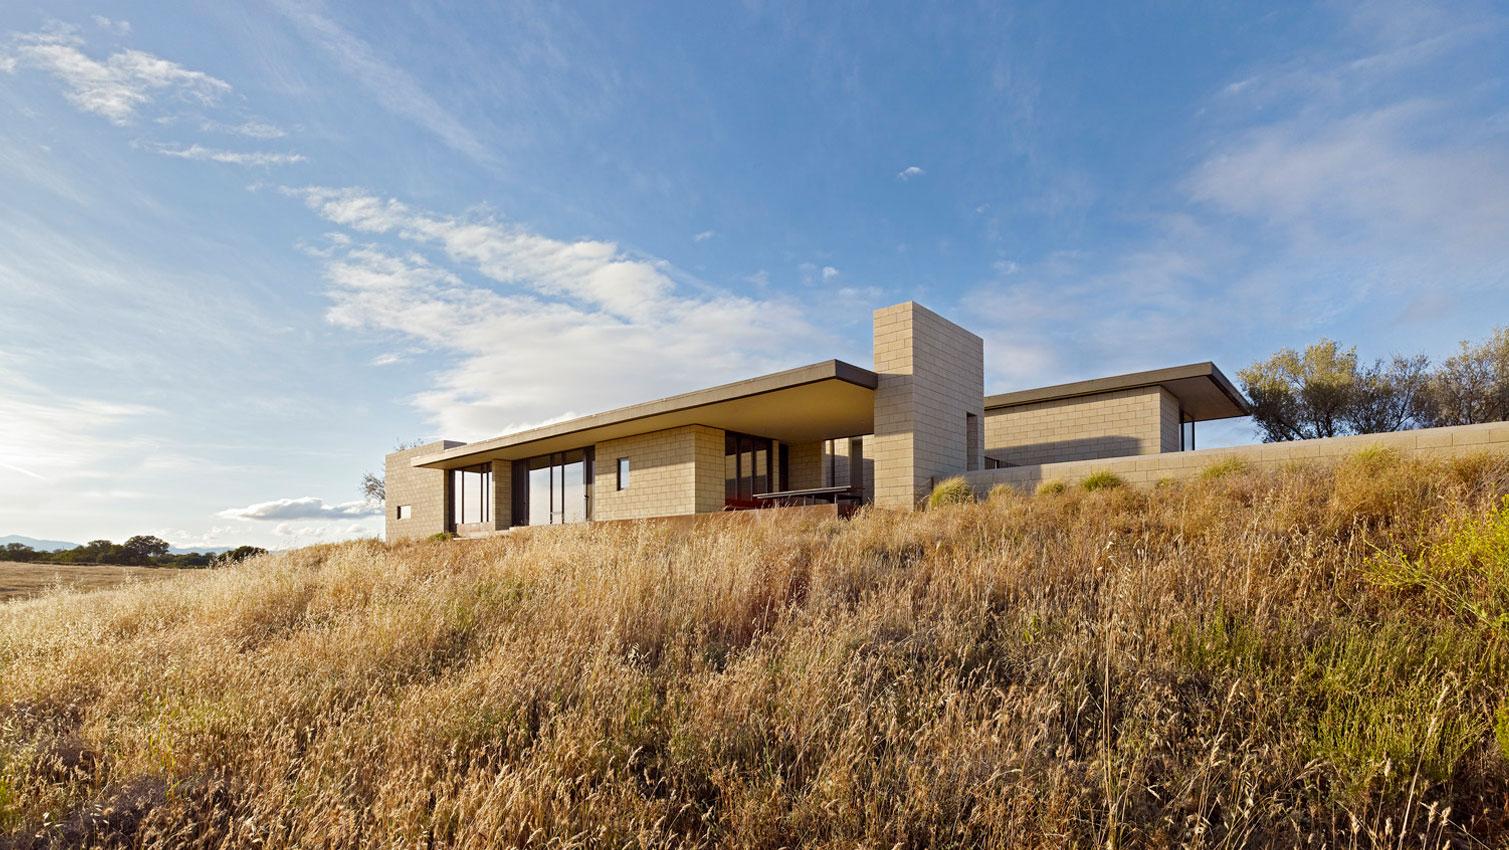 Dise o de casa moderna de un piso de ladrillo caravista for Casa moderna ladrillo